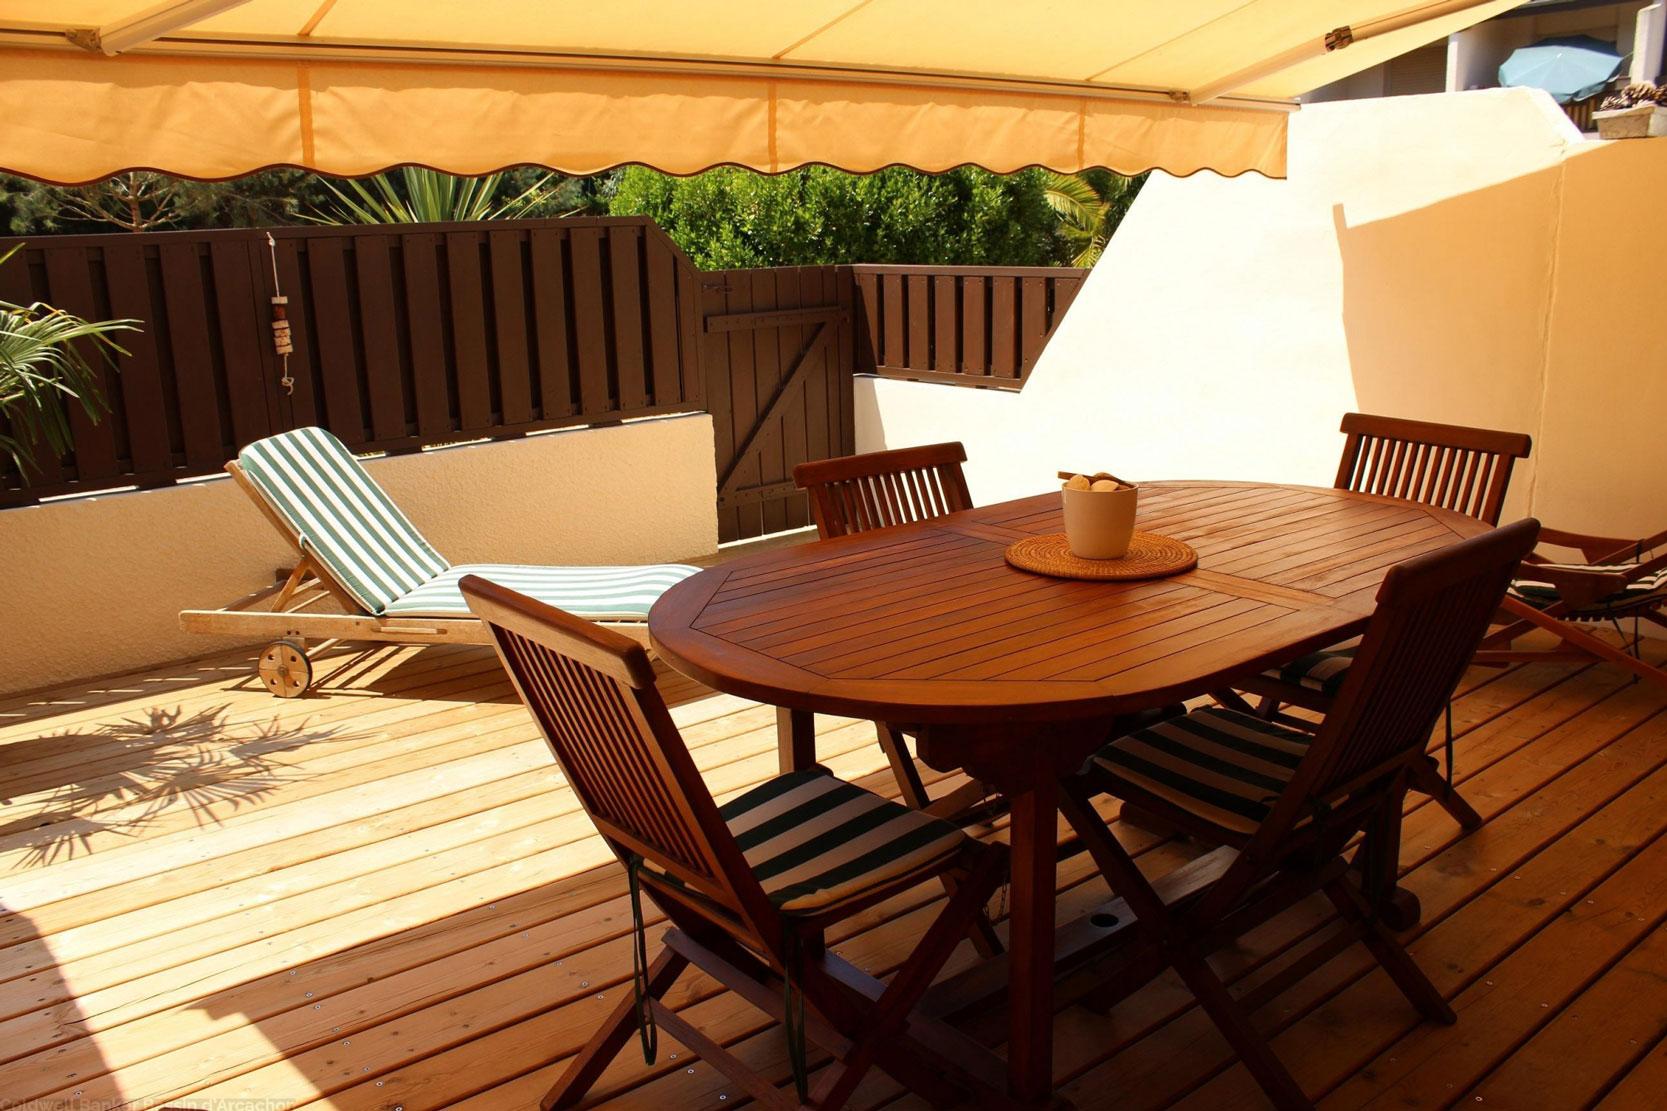 Location de vacances appartement pour 4 personnes centre cap-ferret